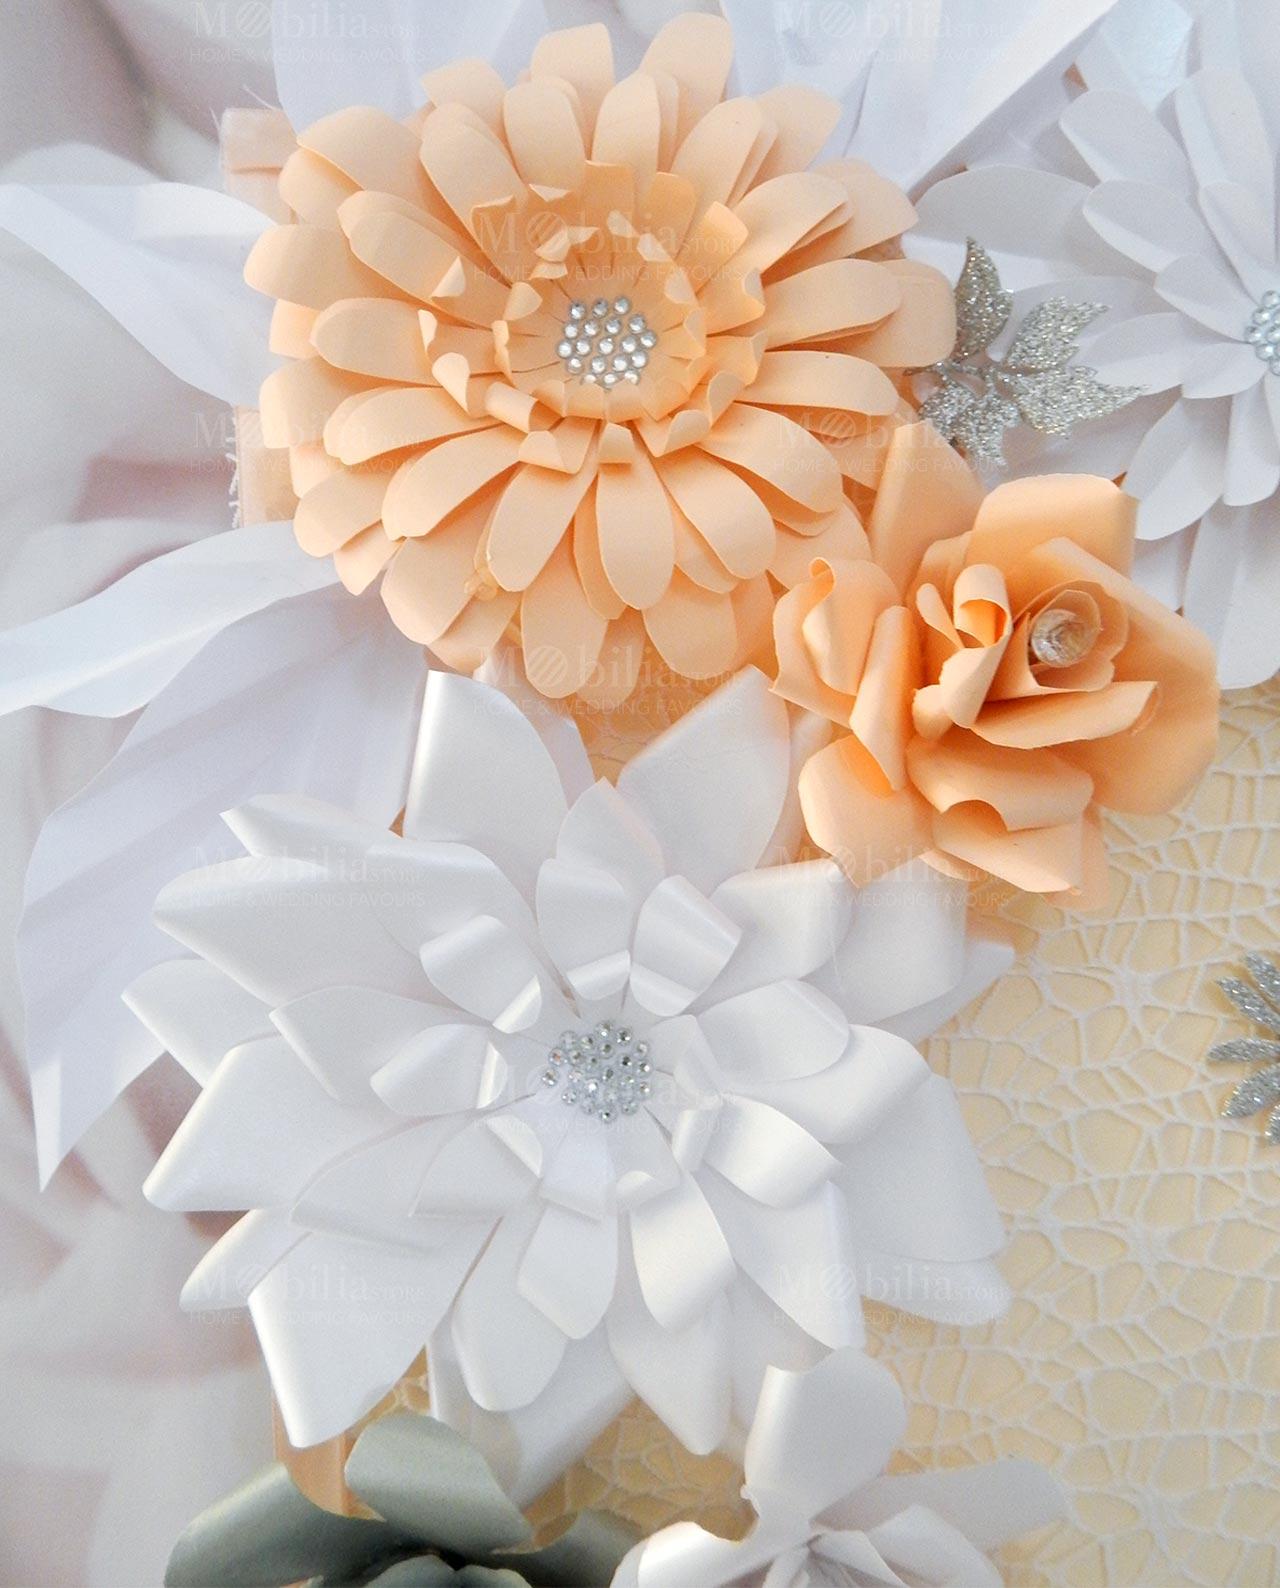 Tableau Matrimonio Azzurro : Come organizzare matrimonio primavera novità tendenze